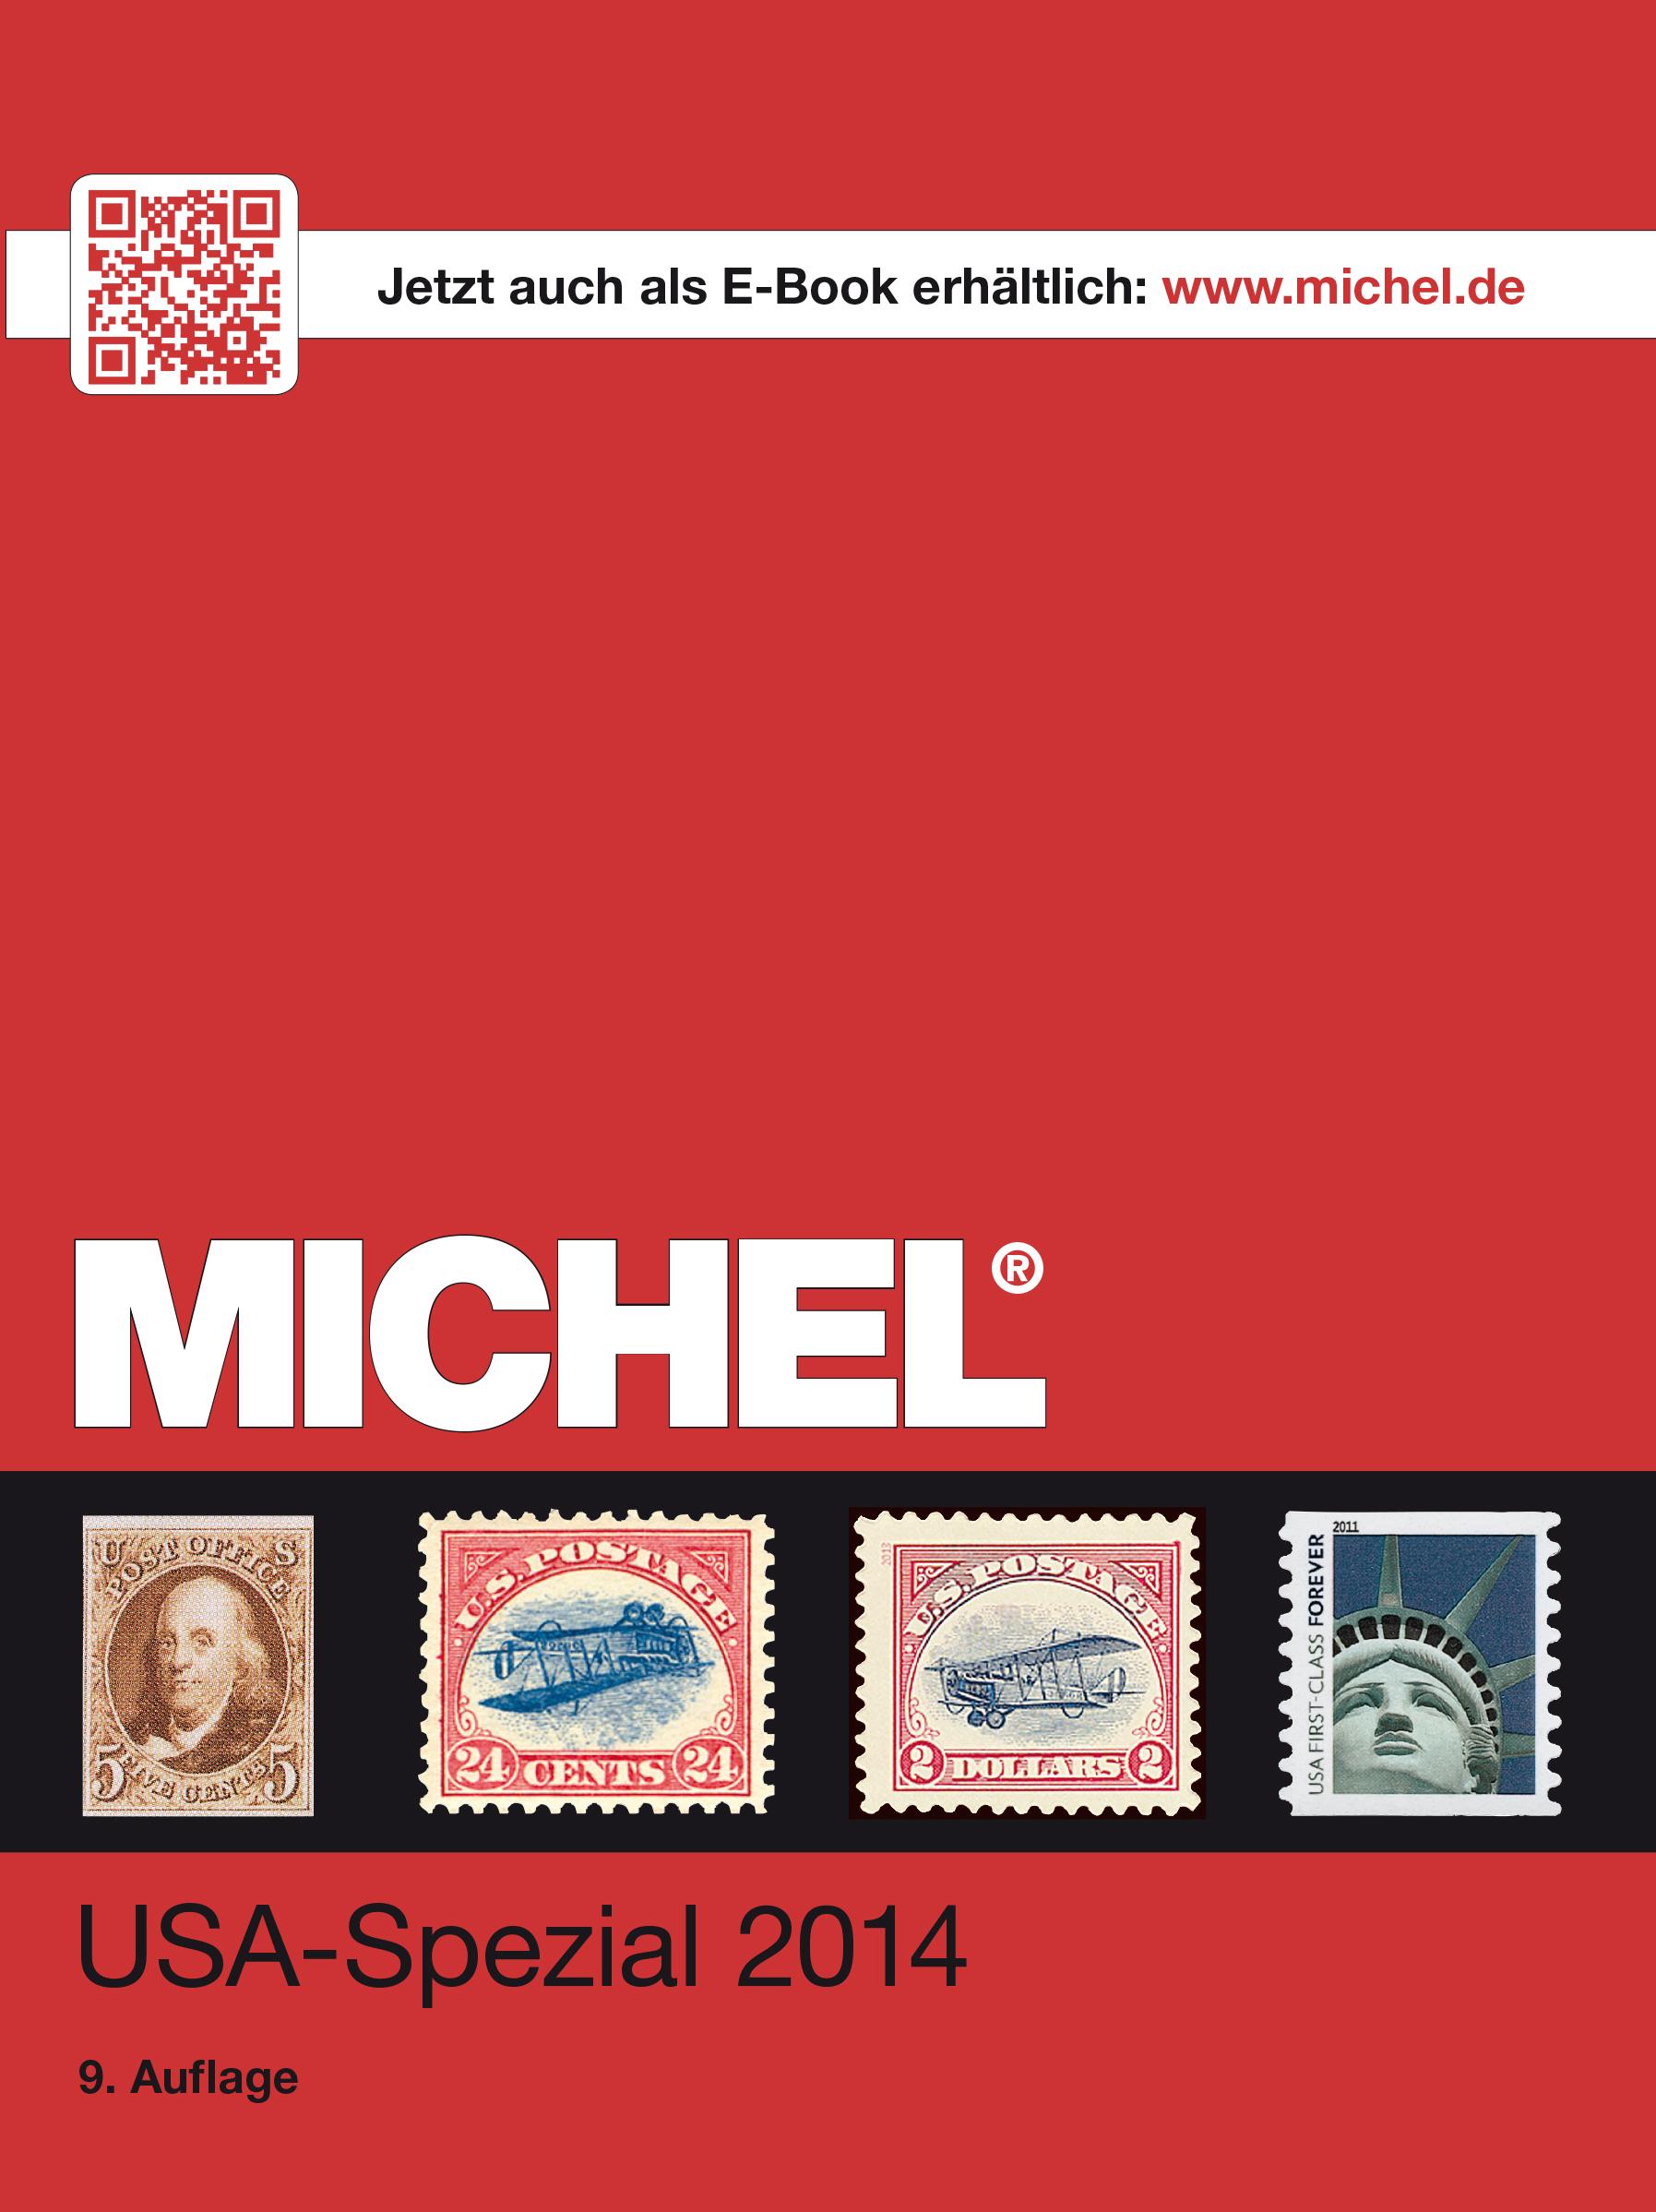 amerikanischen wappentier auf briefmarken